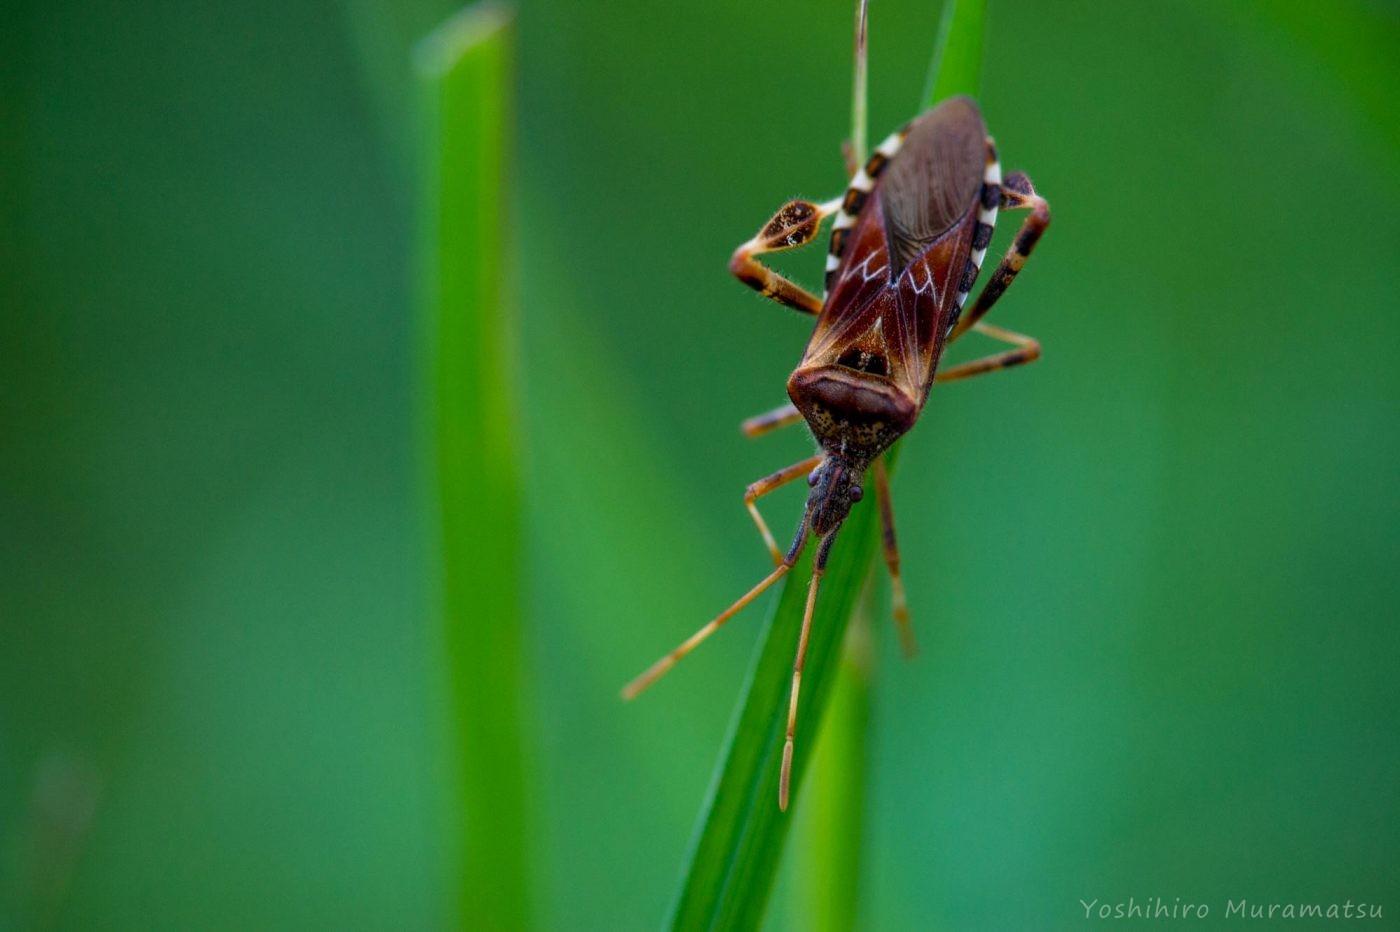 マツヘリカメムシの写真